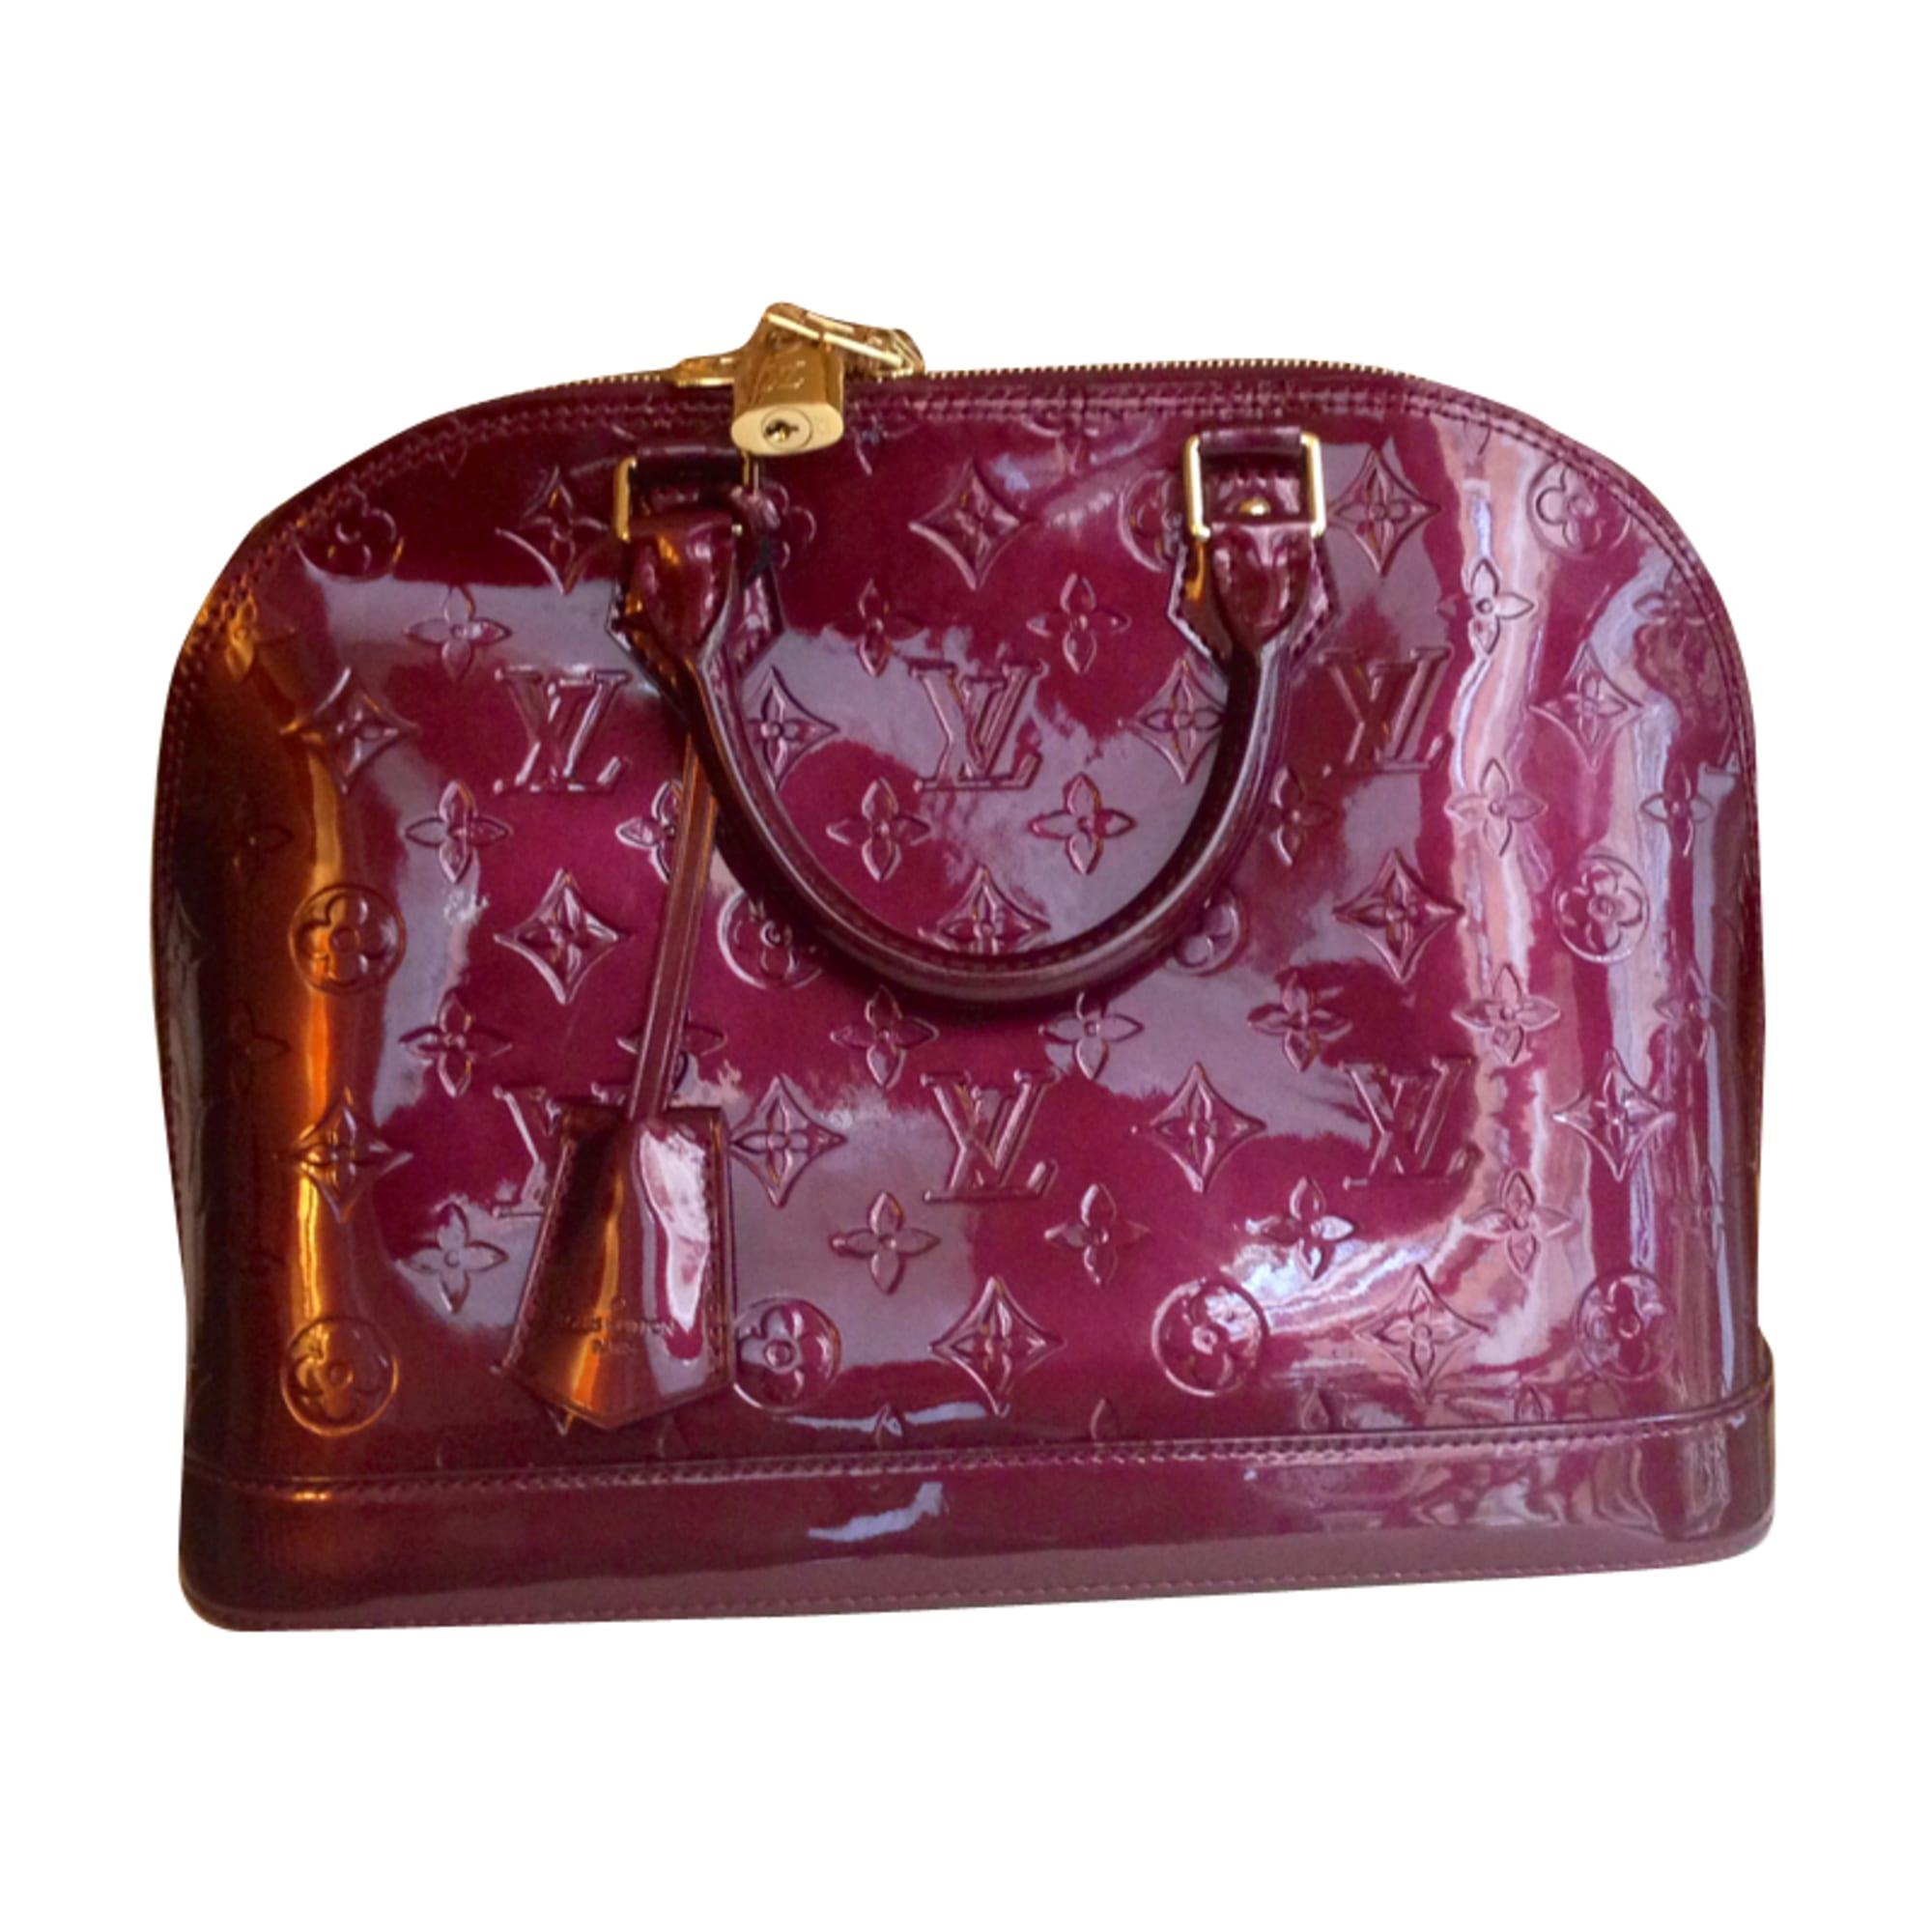 cdf74bdf16b5 Sac à main en cuir LOUIS VUITTON alma rouge vendu par Marianne ...